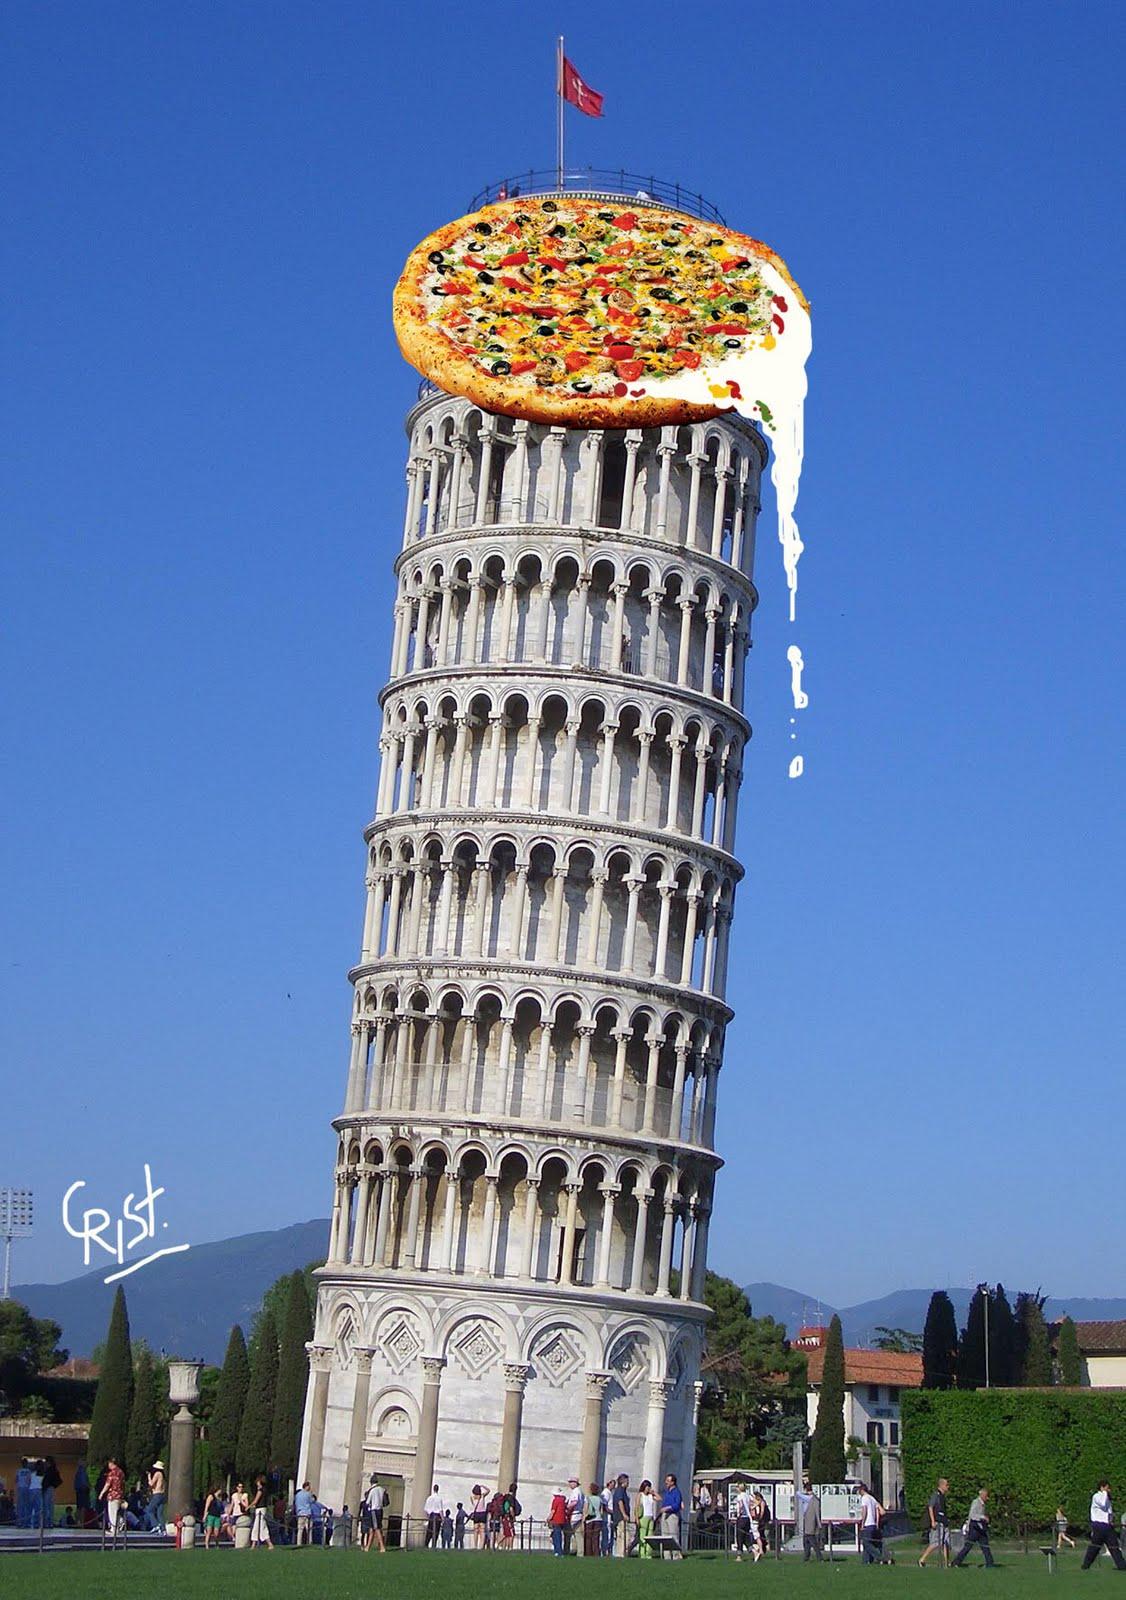 cosmoscrist  torre de pizza